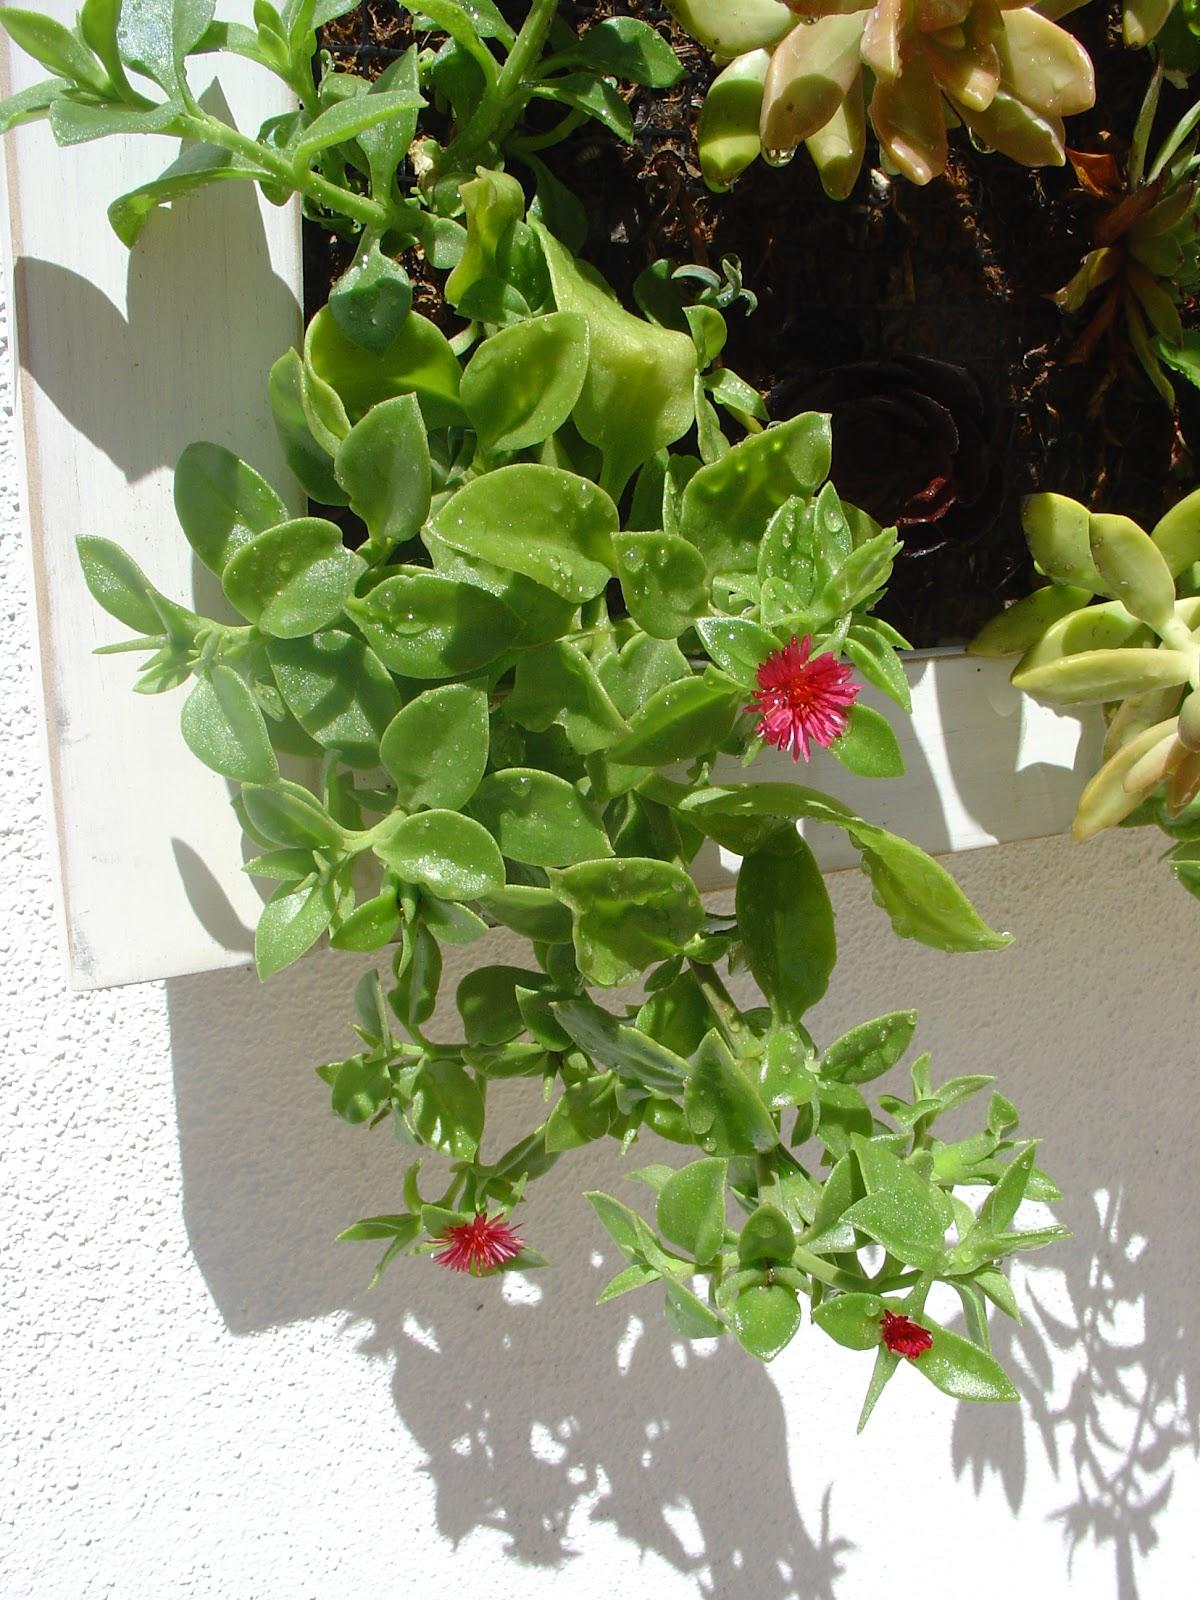 jardim vertical de suculentas:Novidades do Jardim Vertical de Suculentas